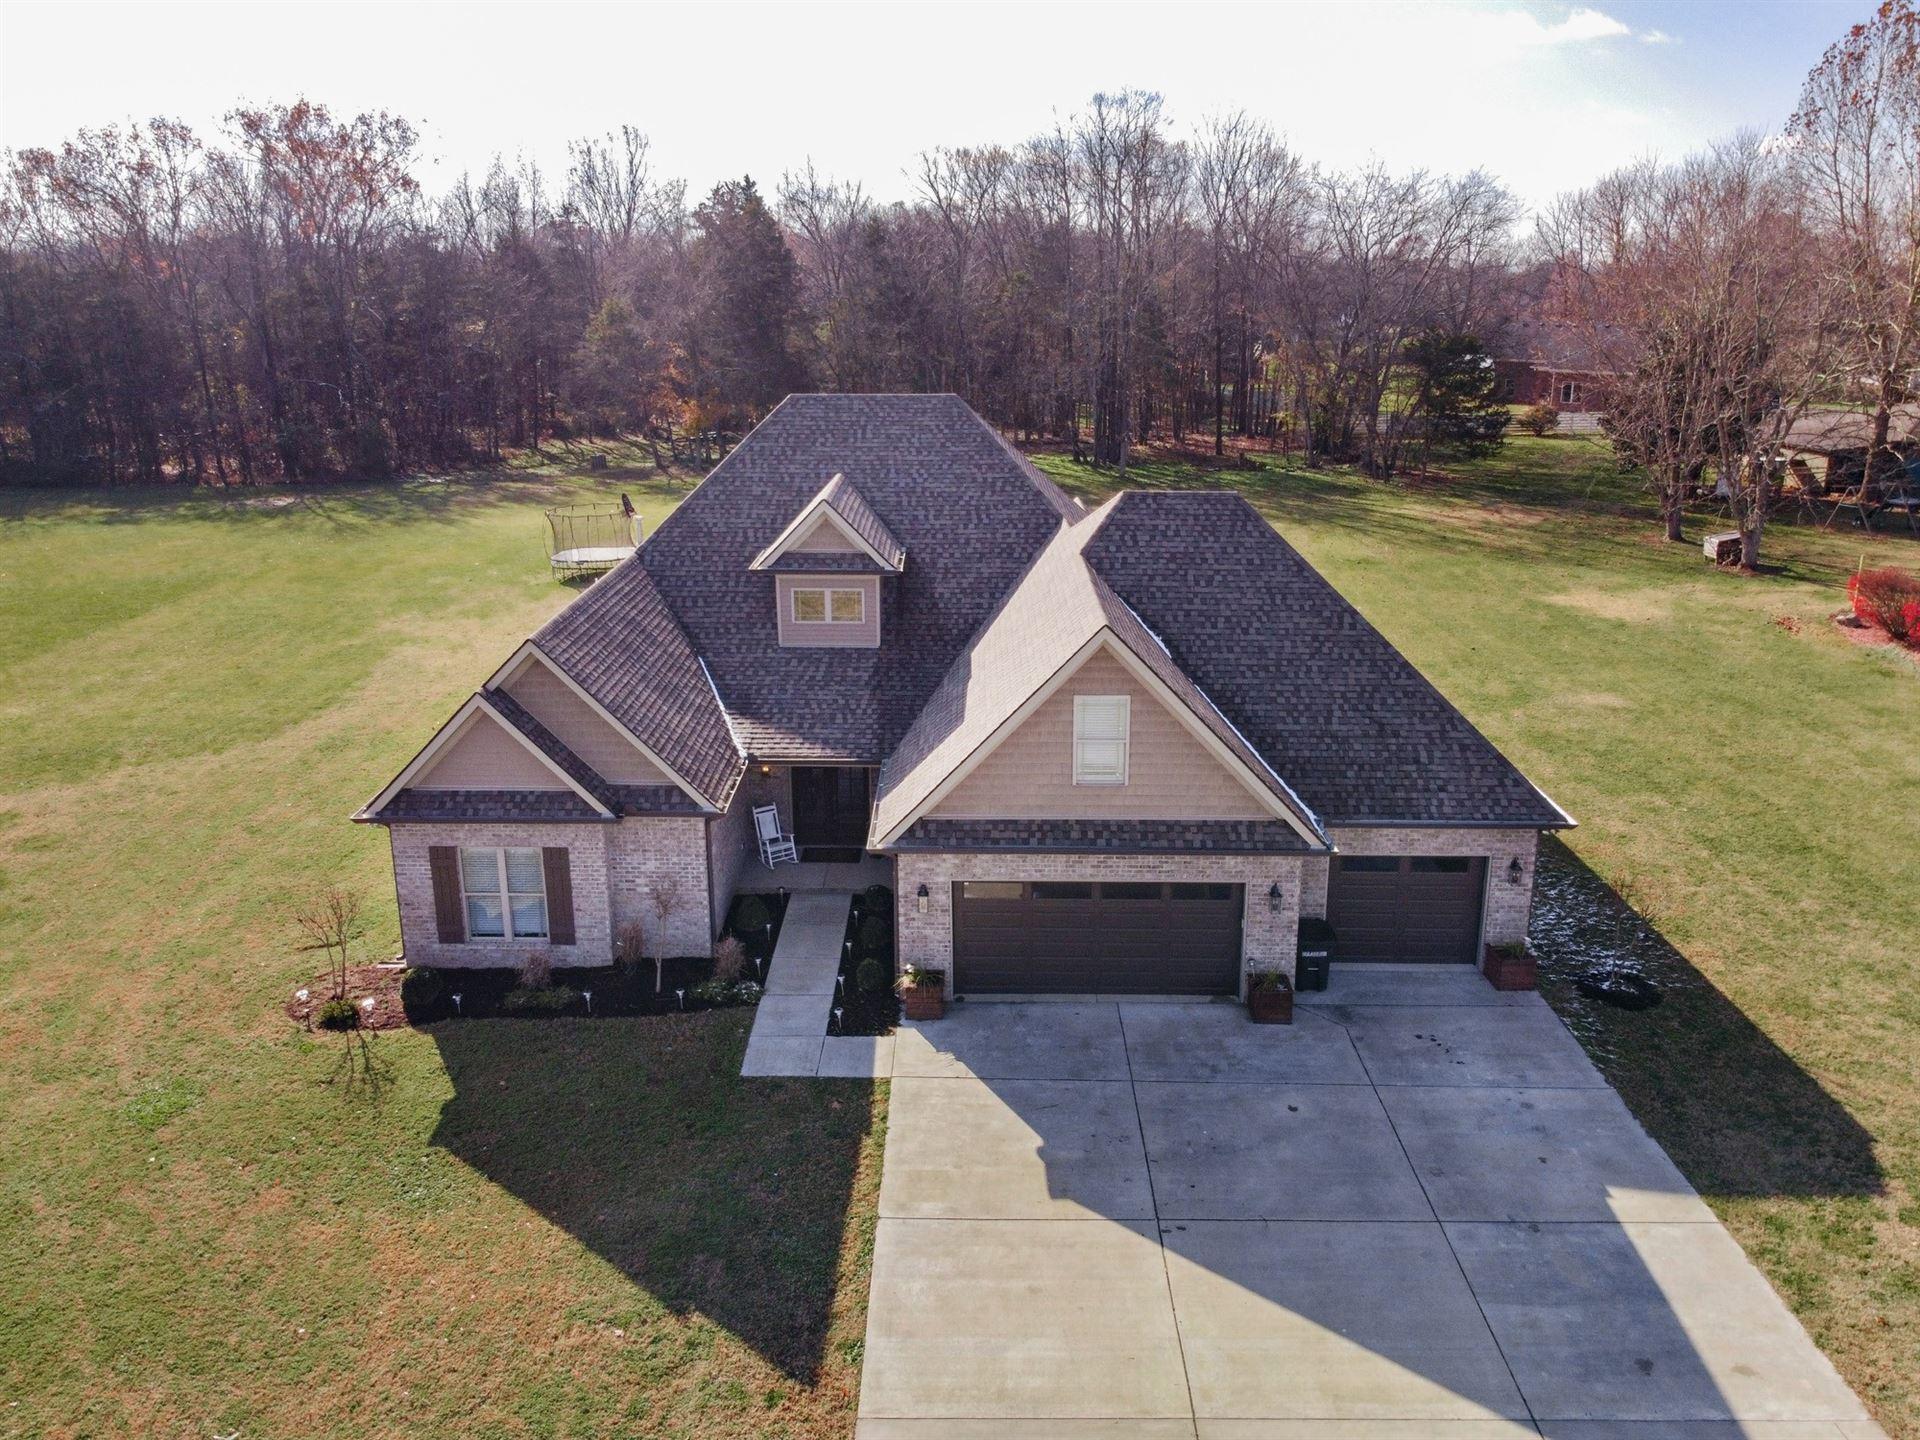 Photo of 5758 Manchester Pike, Murfreesboro, TN 37127 (MLS # 2211193)